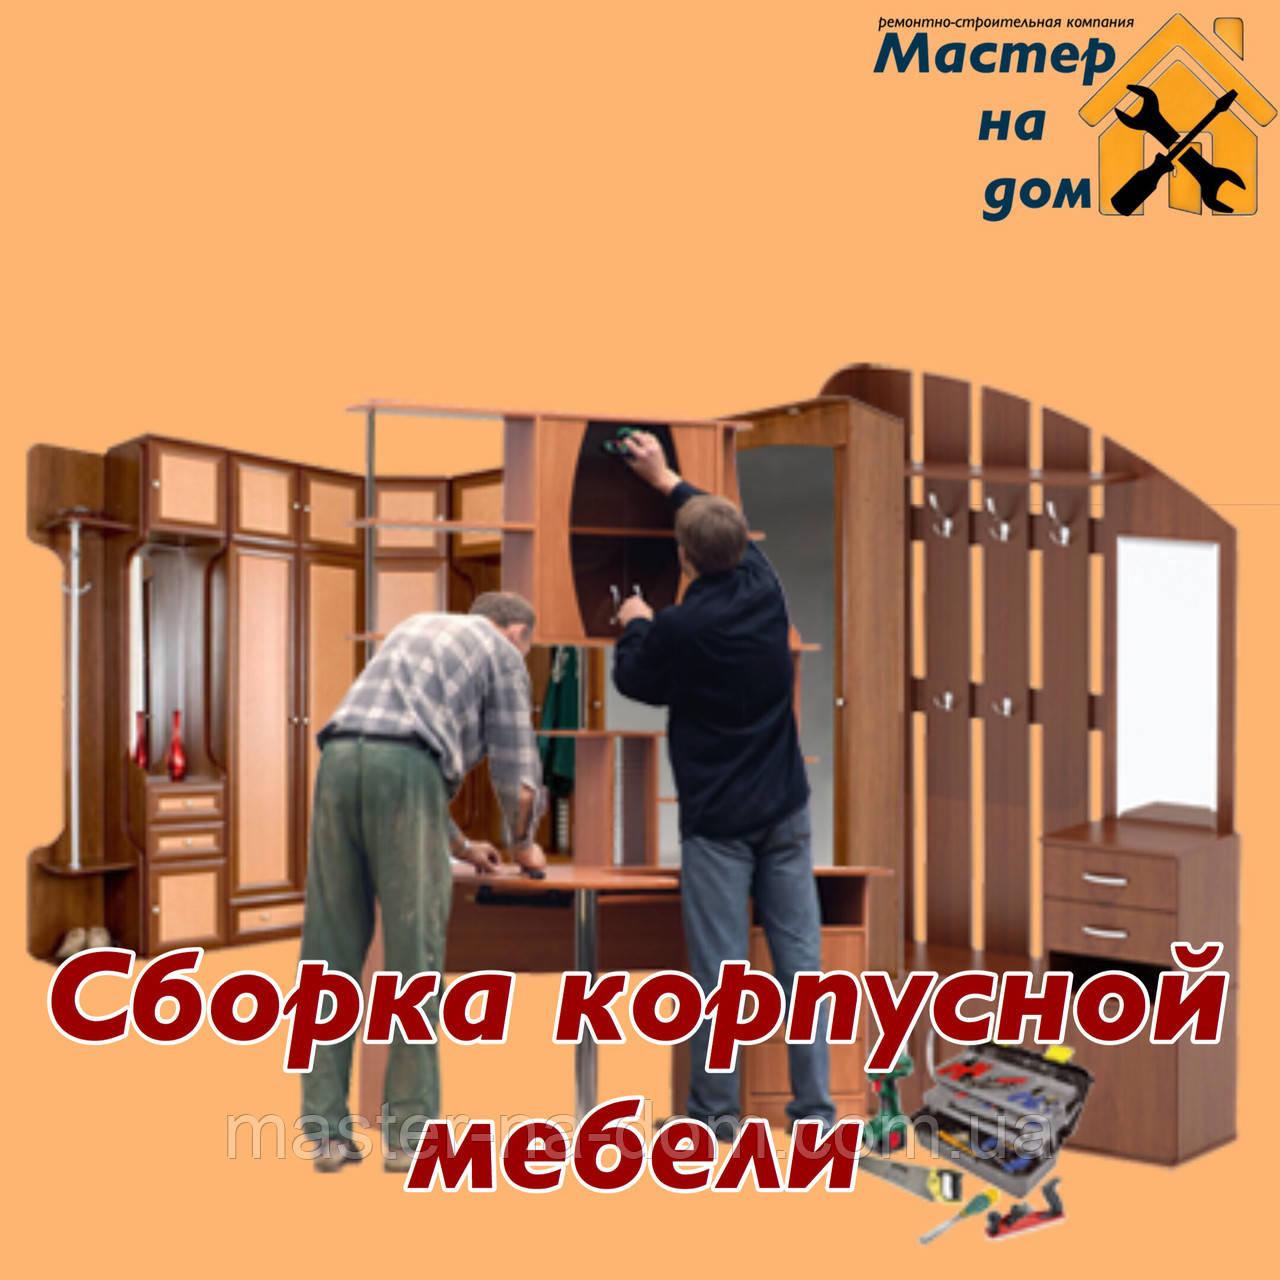 Сборка стенки, прихожие, шкафы, фото 1